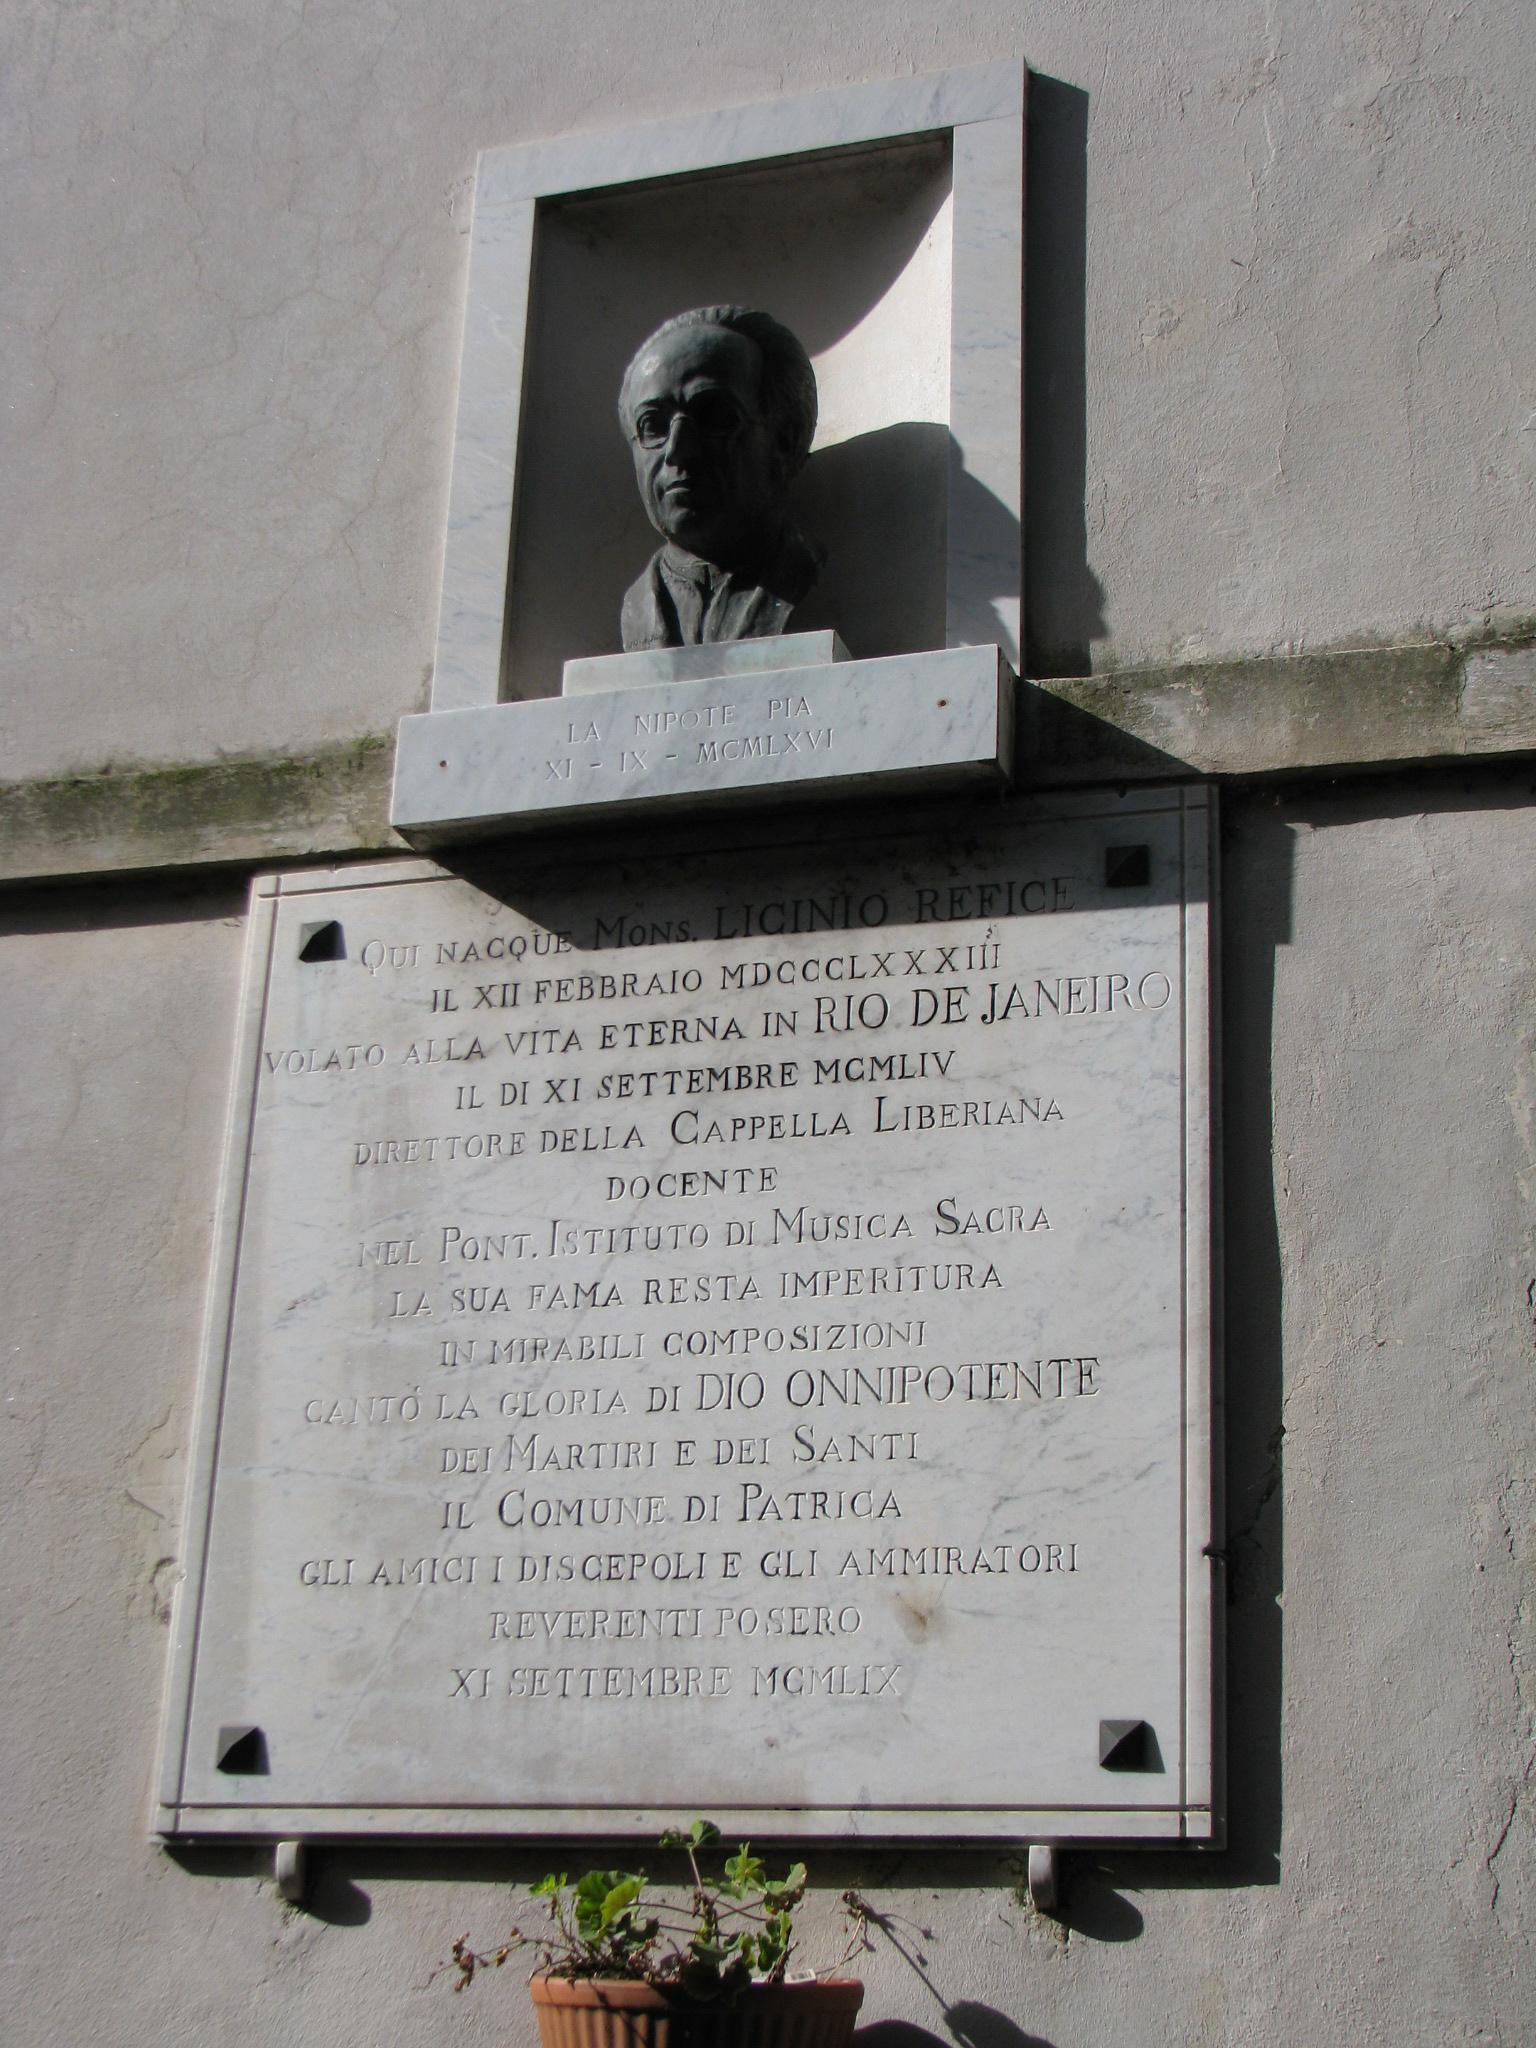 15 Patrica - monumento a Licino Refice nell'omonima via